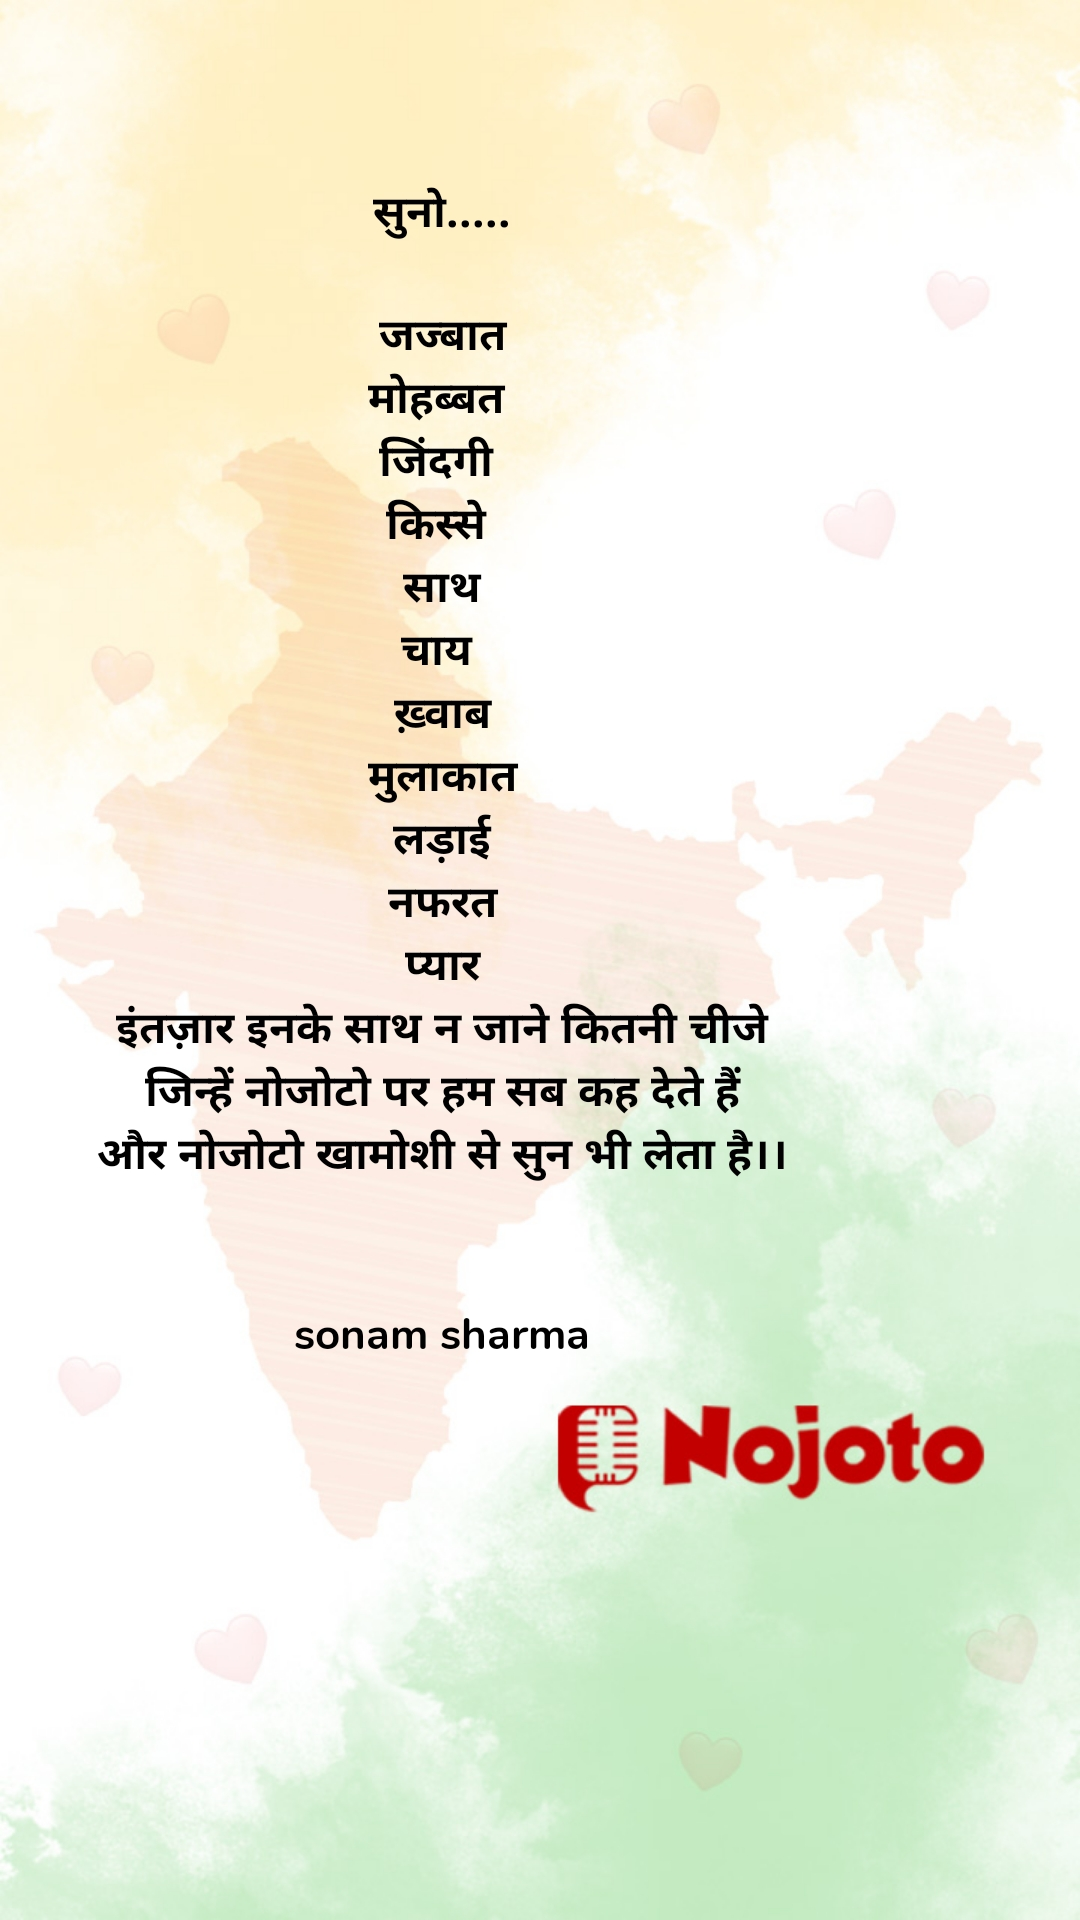 सुनो.....  जज्बात मोहब्बत  जिंदगी  किस्से  साथ चाय  ख़्वाब मुलाकात लड़ाई नफरत प्यार इंतज़ार इनके साथ न जाने कितनी चीजे जिन्हें नोजोटो पर हम सब कह देते हैं और नोजोटो खामोशी से सुन भी लेता है।।   sonam sharma